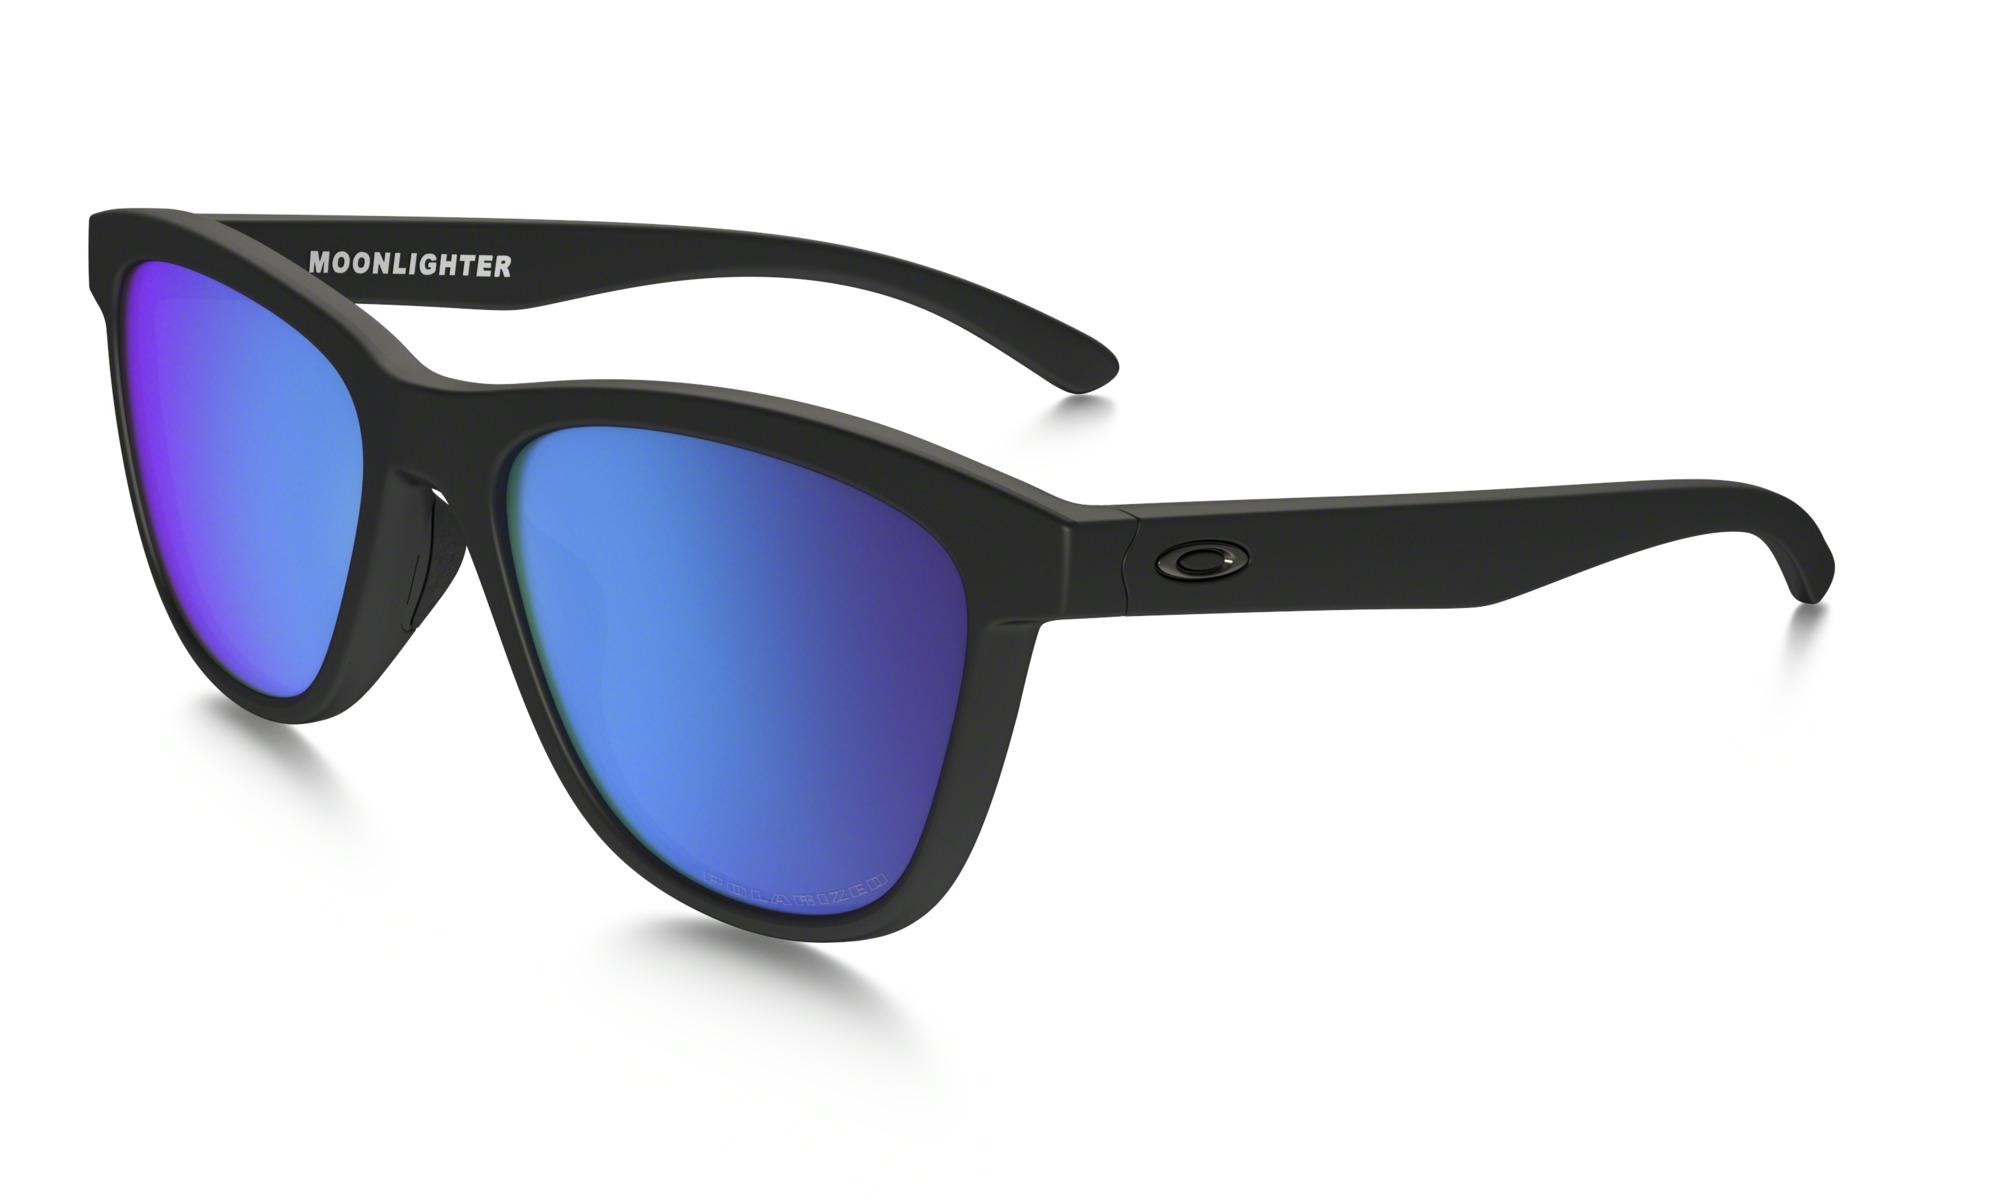 Oakley Moonlighter Sunglasses, Oakley Moonlighter Prescription Sunglasses